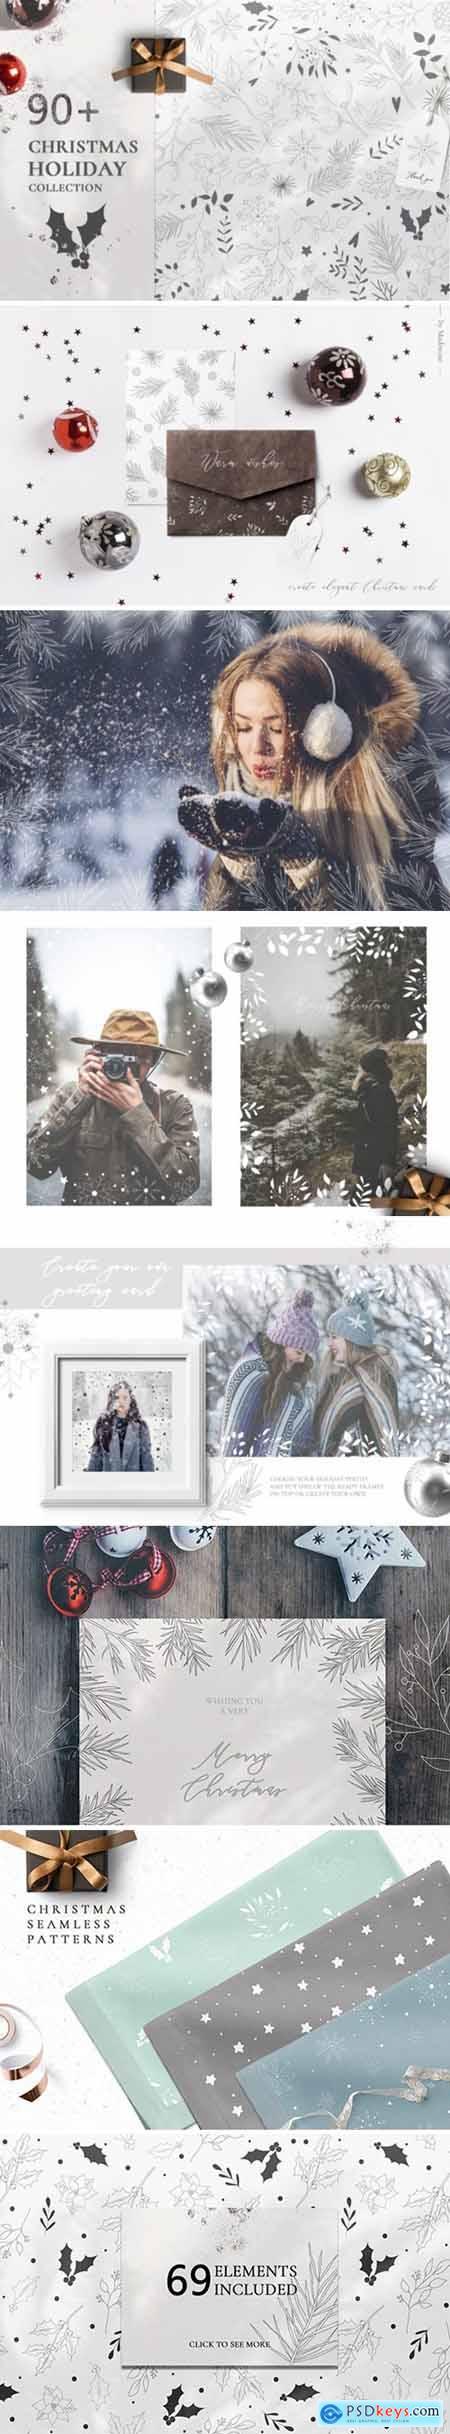 Christmas Holiday Collection 2202764